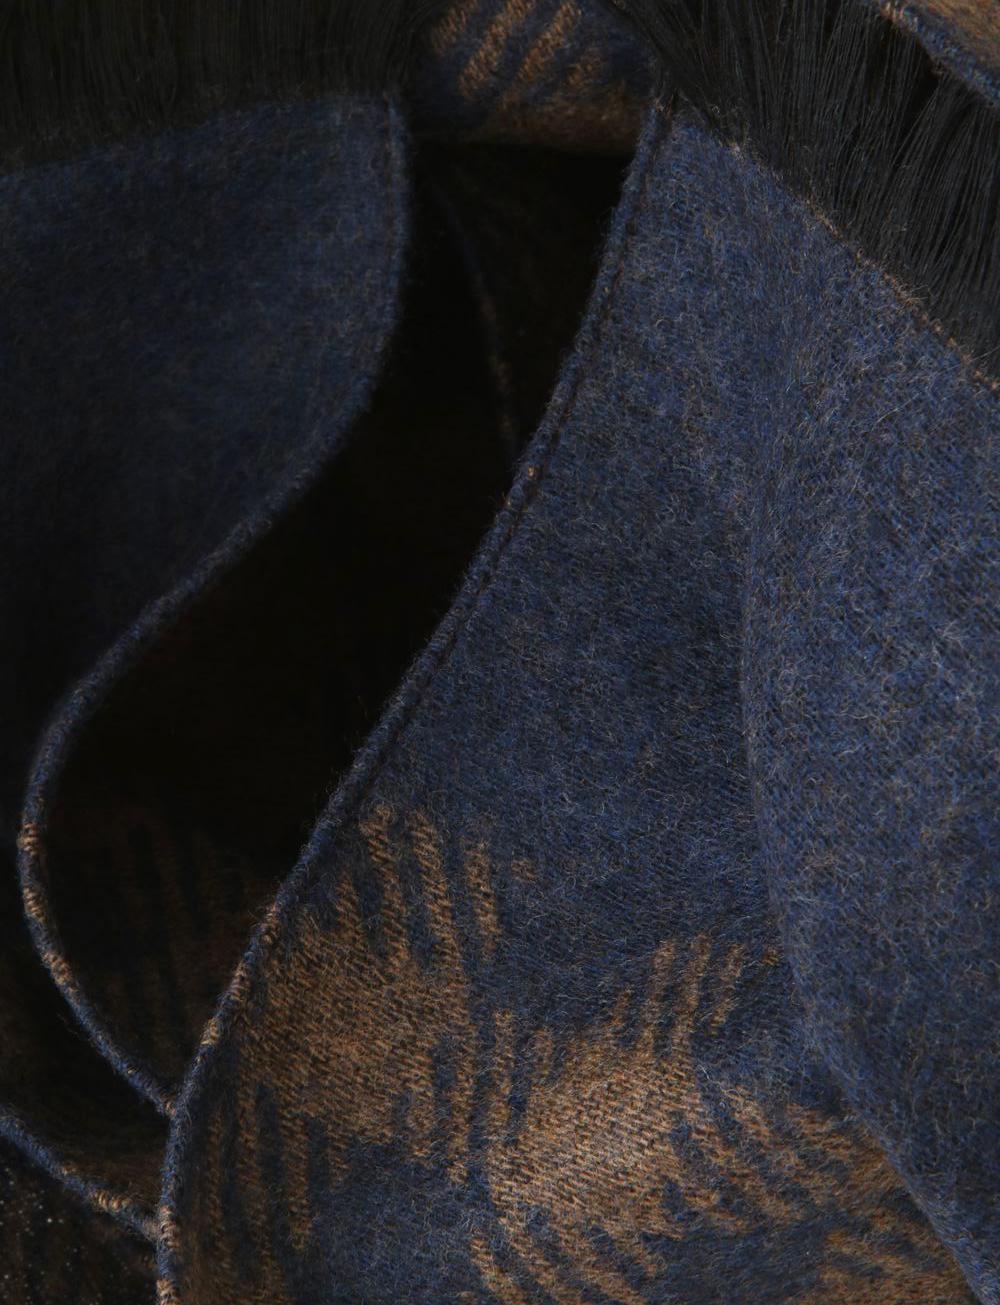 94e72fabd65 Echarpe à motif pied-de-poule en laine et soie – marron bleu marine. 50%.  50%. 50% · IMG 5790 tn